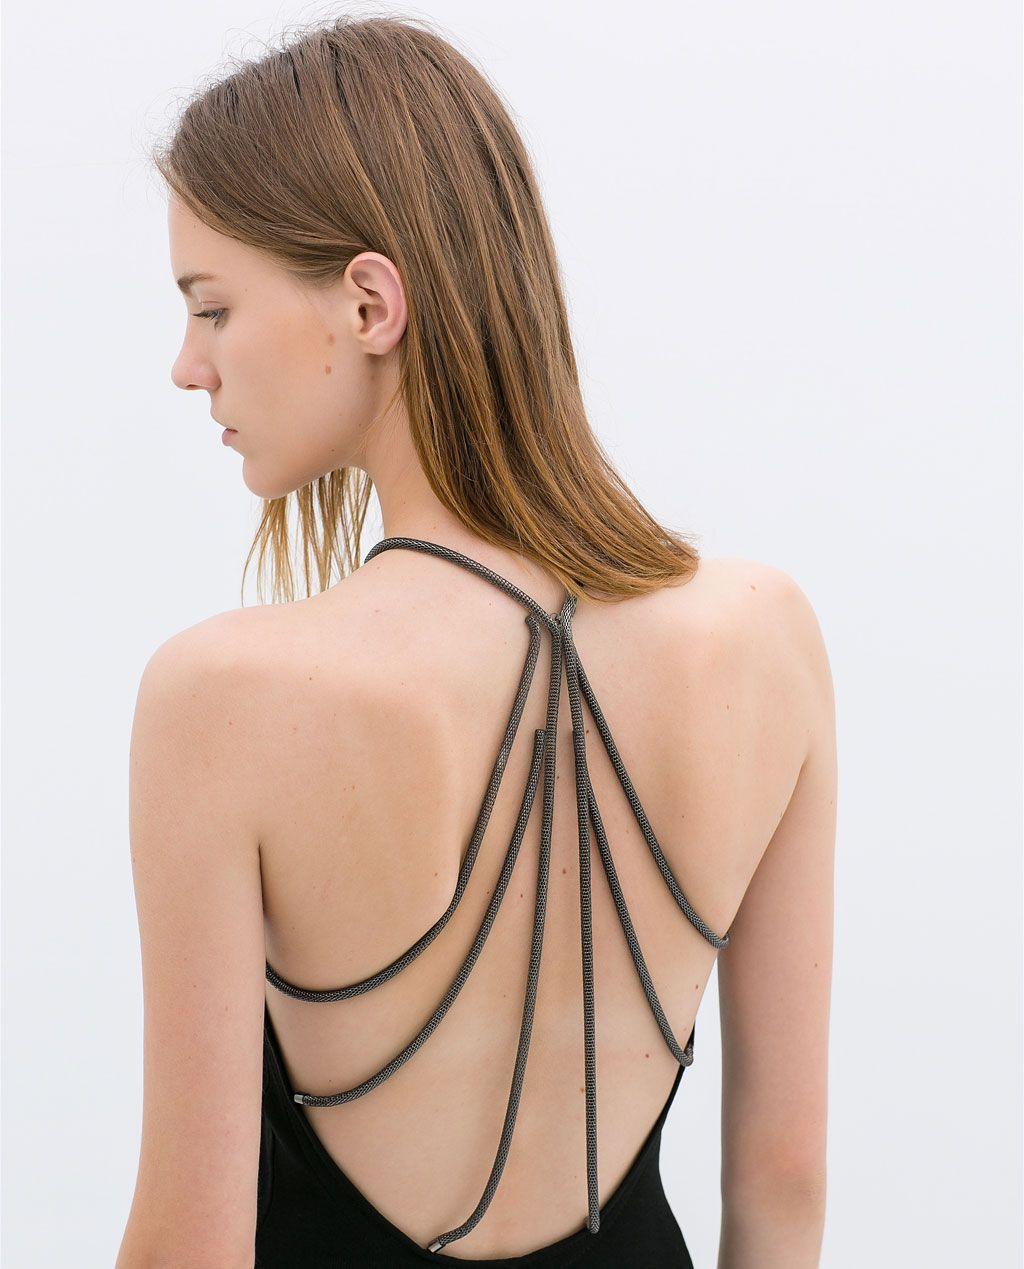 Image 7 Of Dress With Chains On The Back From Zara Zara Woman Dress Zara Black Dress Wedding Dress Backs [ 1269 x 1024 Pixel ]